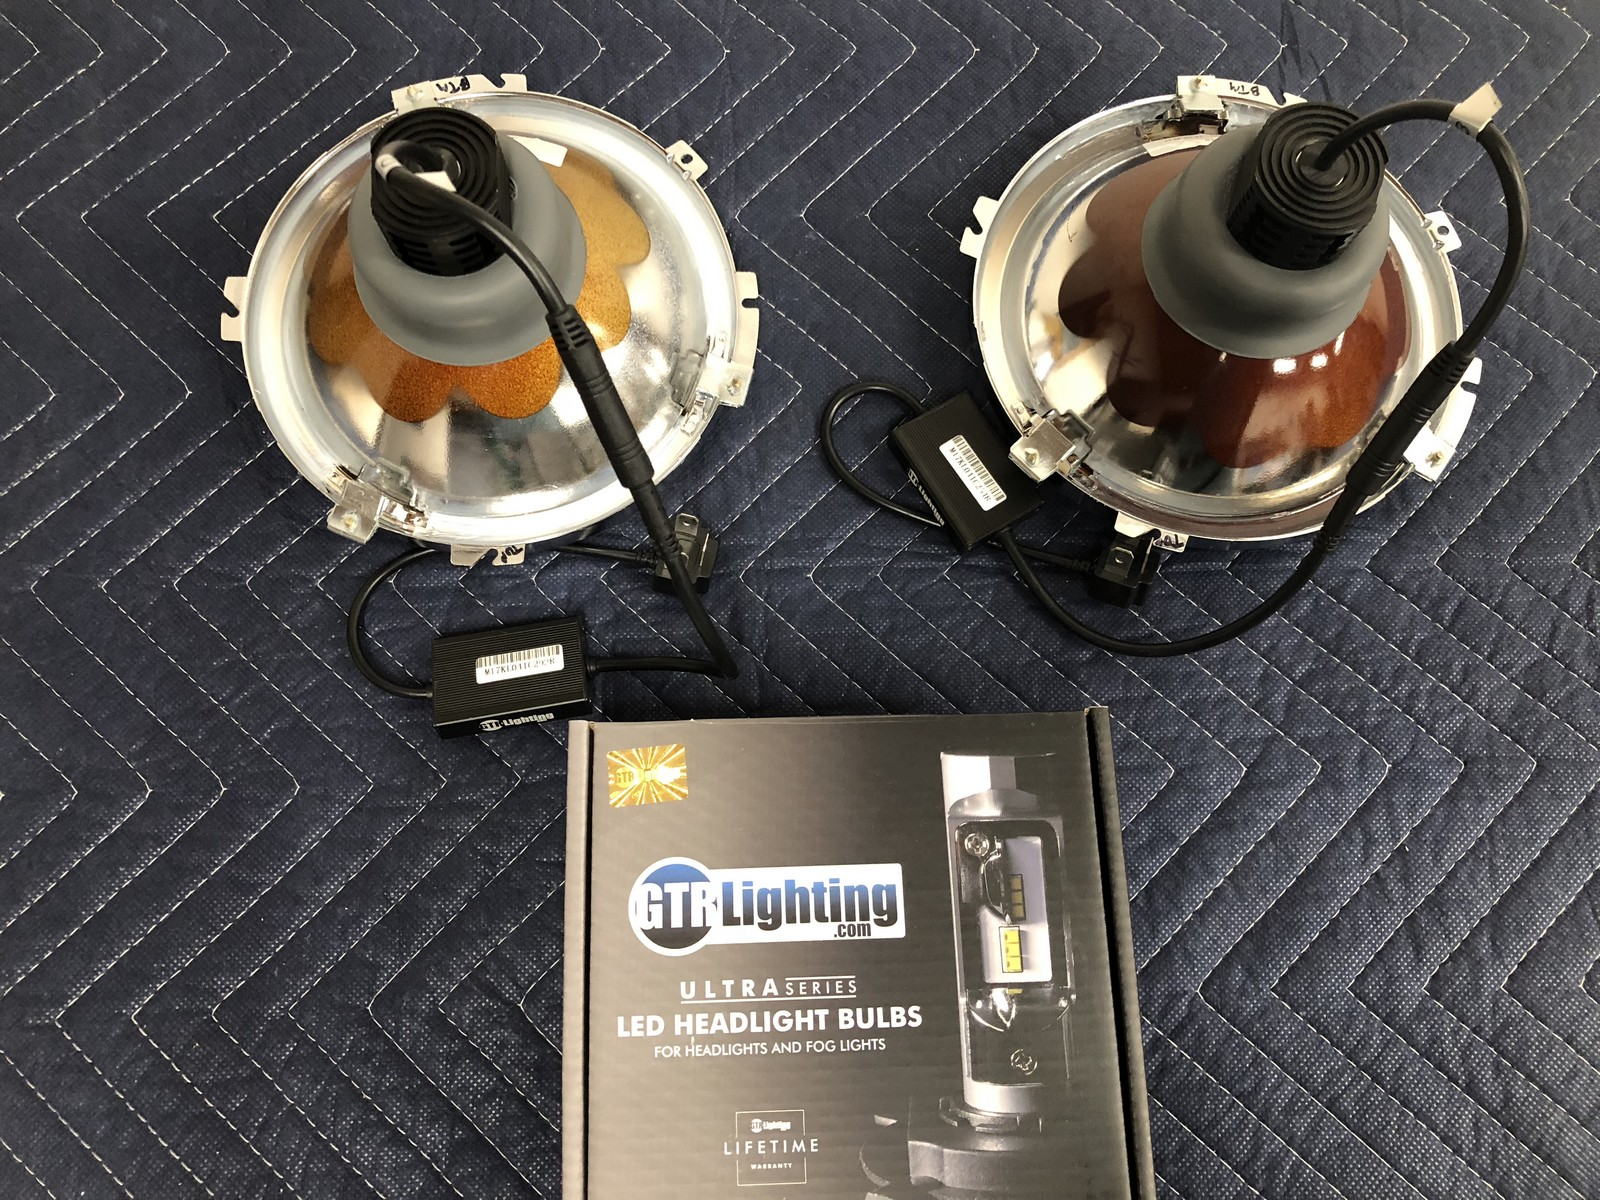 Gtr Lighting Gen 3 Ultra Series Led Amazon Led Vs Halogen